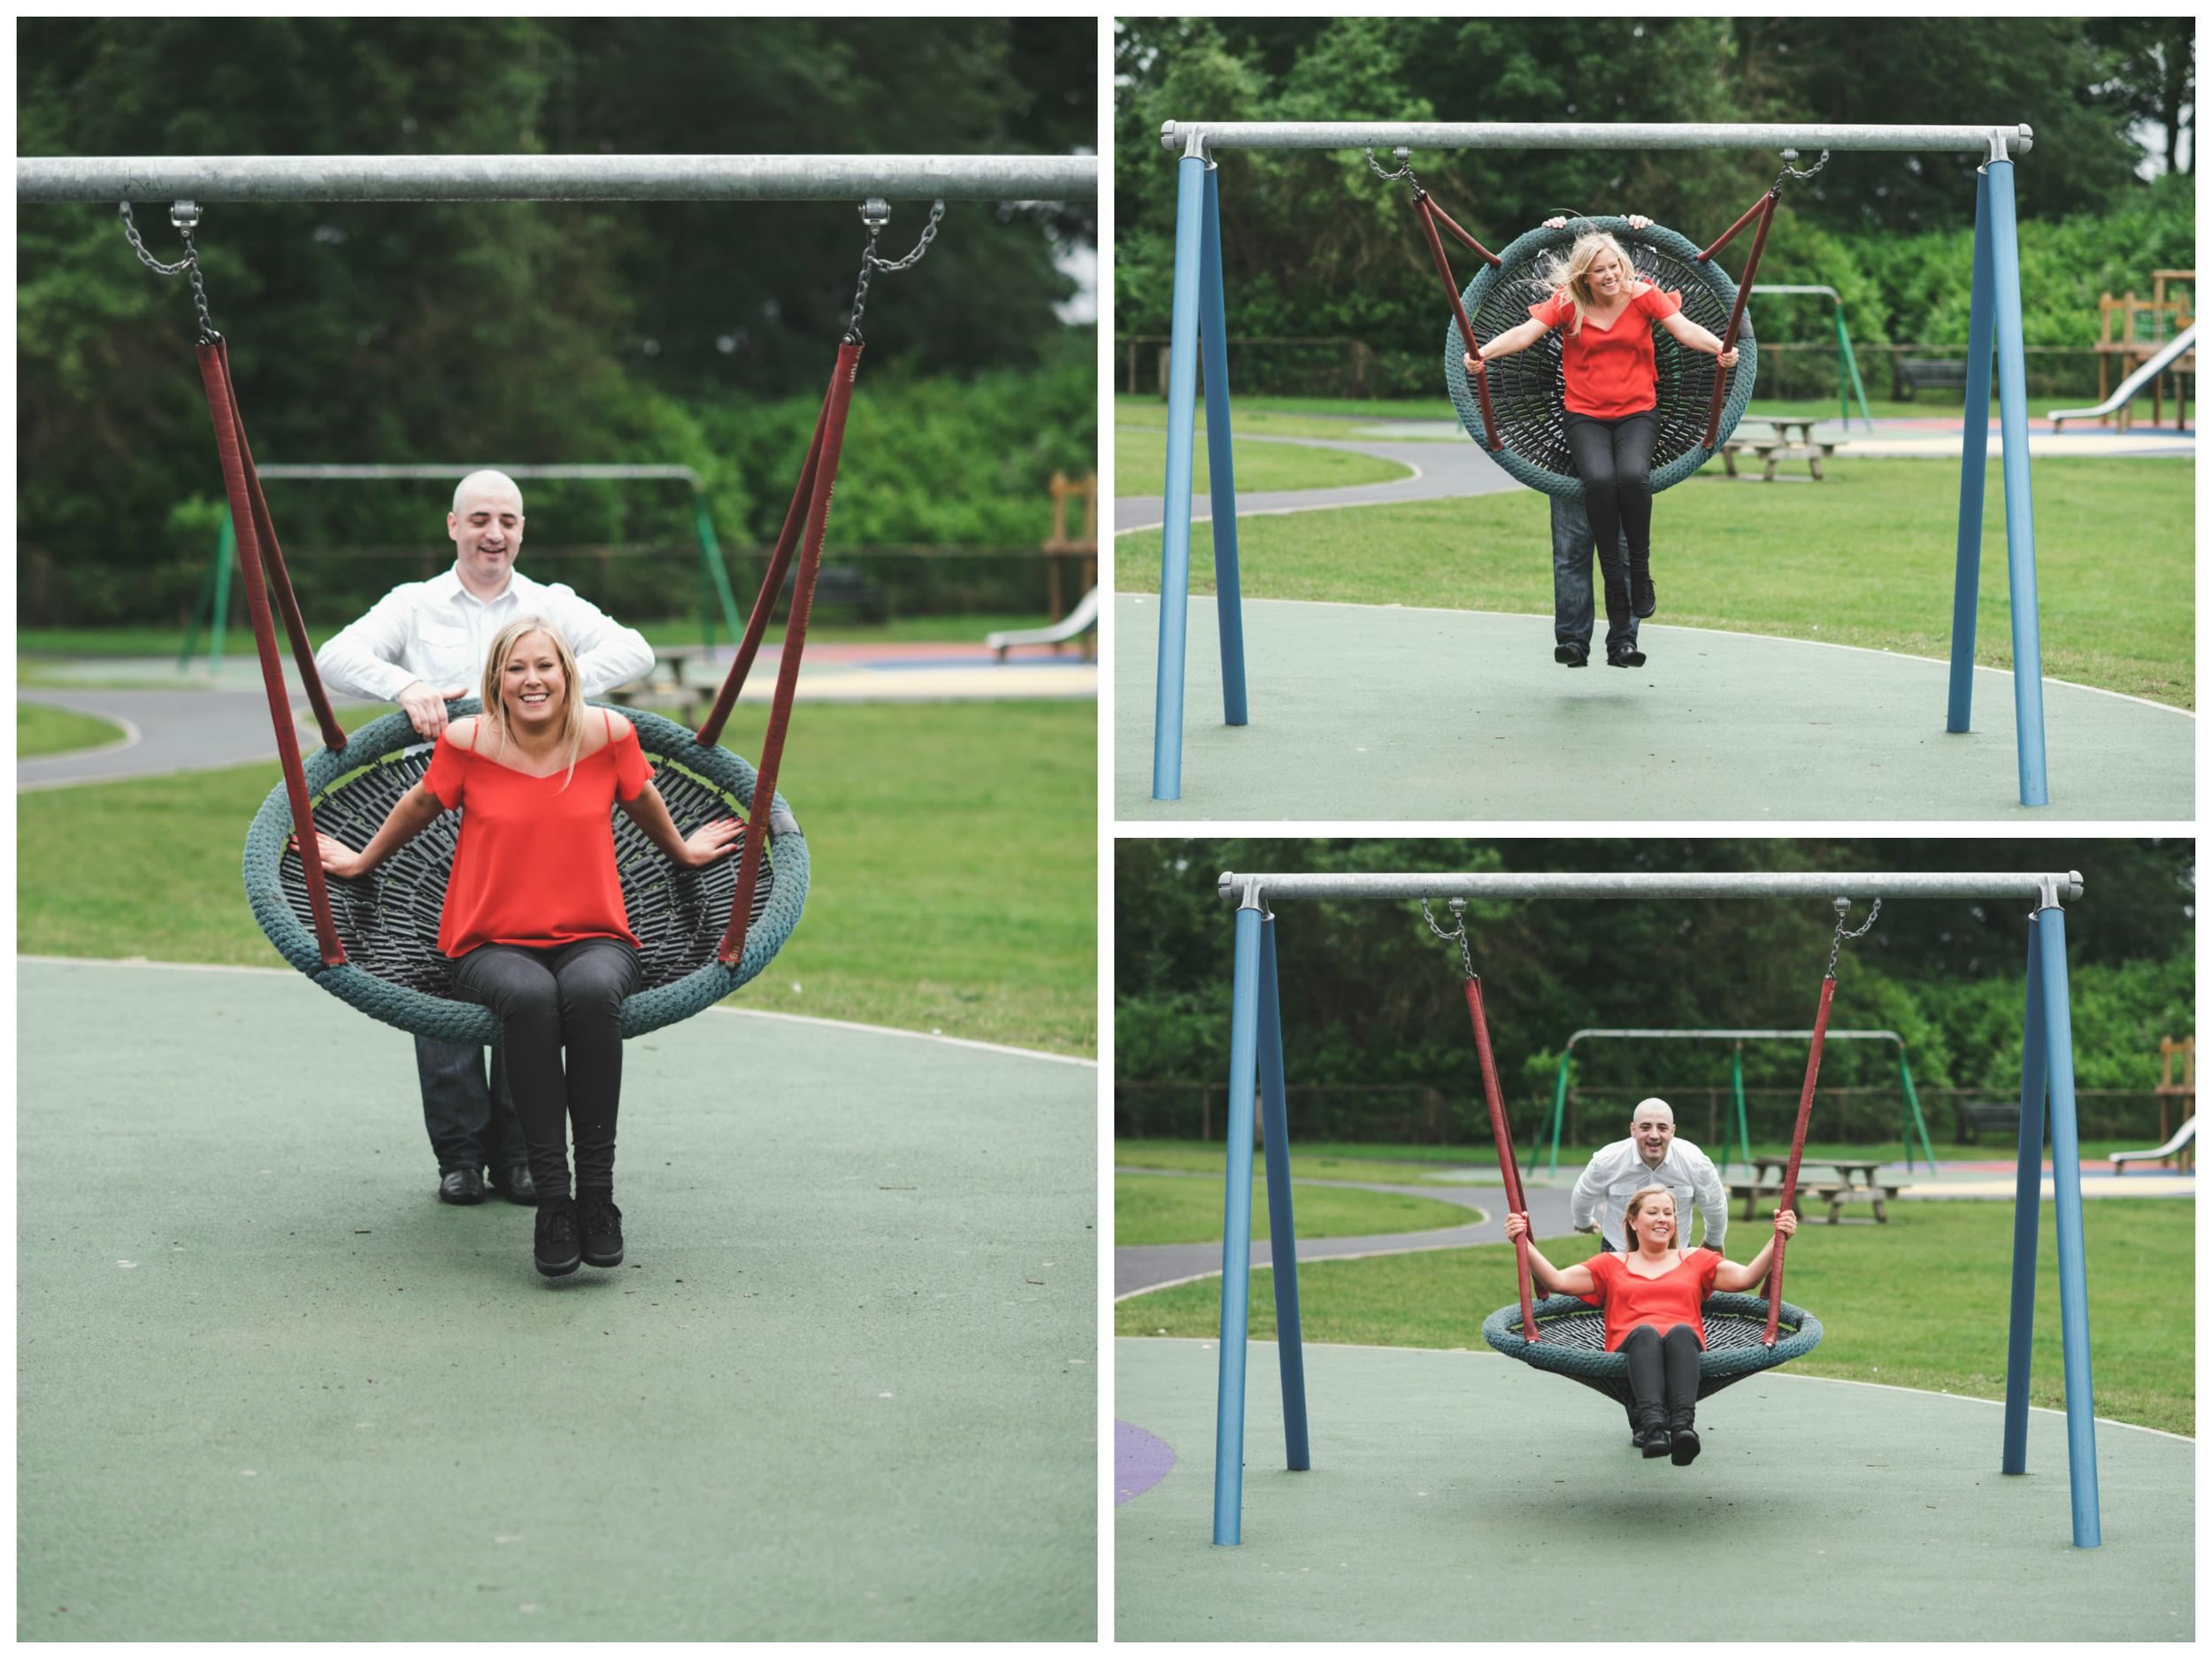 Engagement_Photographs_Belfast_Lady_Dixons_Park_Swing